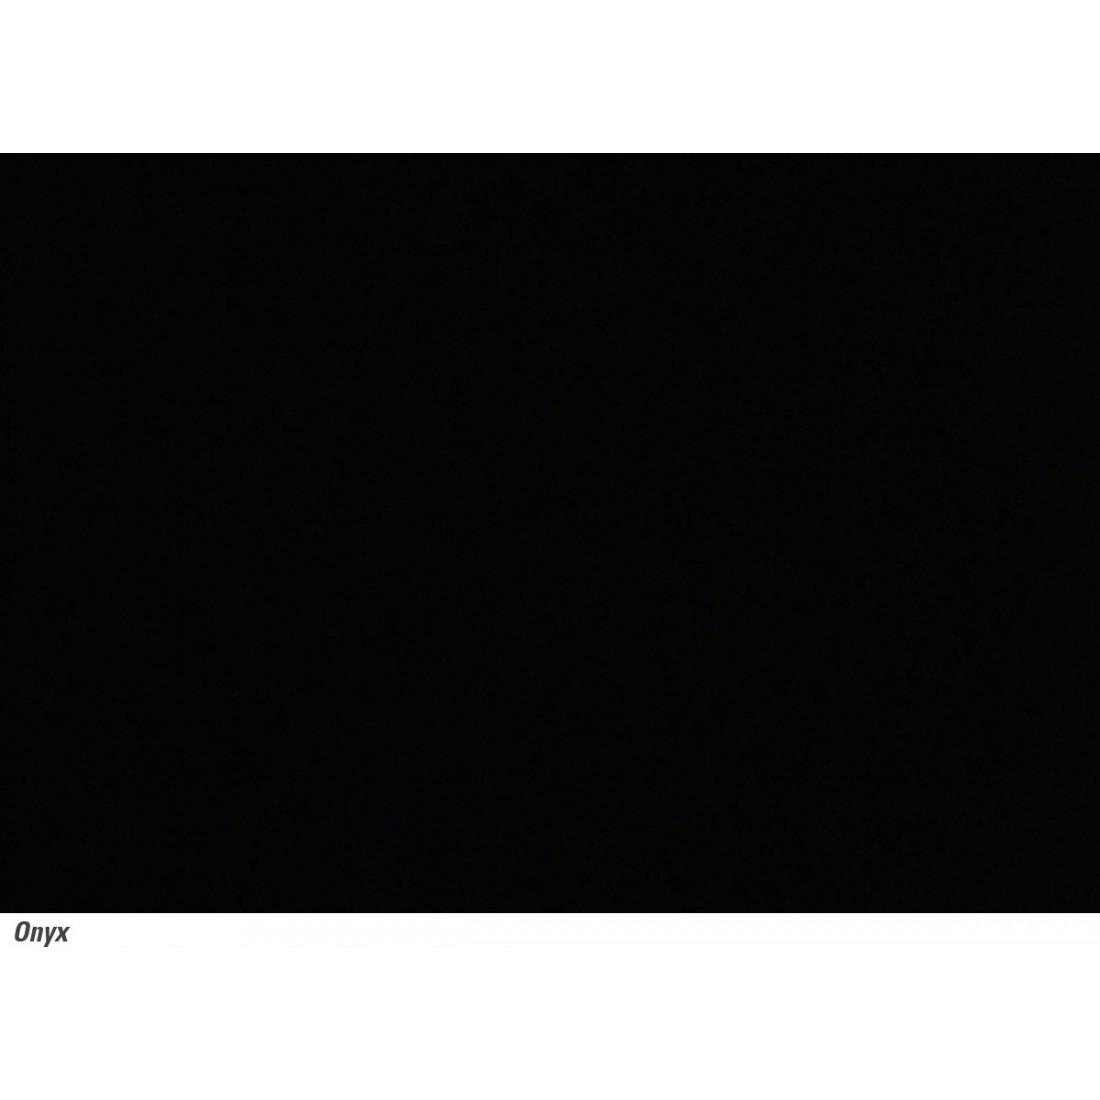 Keraminė plautuvė Franke Mythos, MTK 611-100, Onyx, dubuo kairėje, 2 išgręžtos skylės